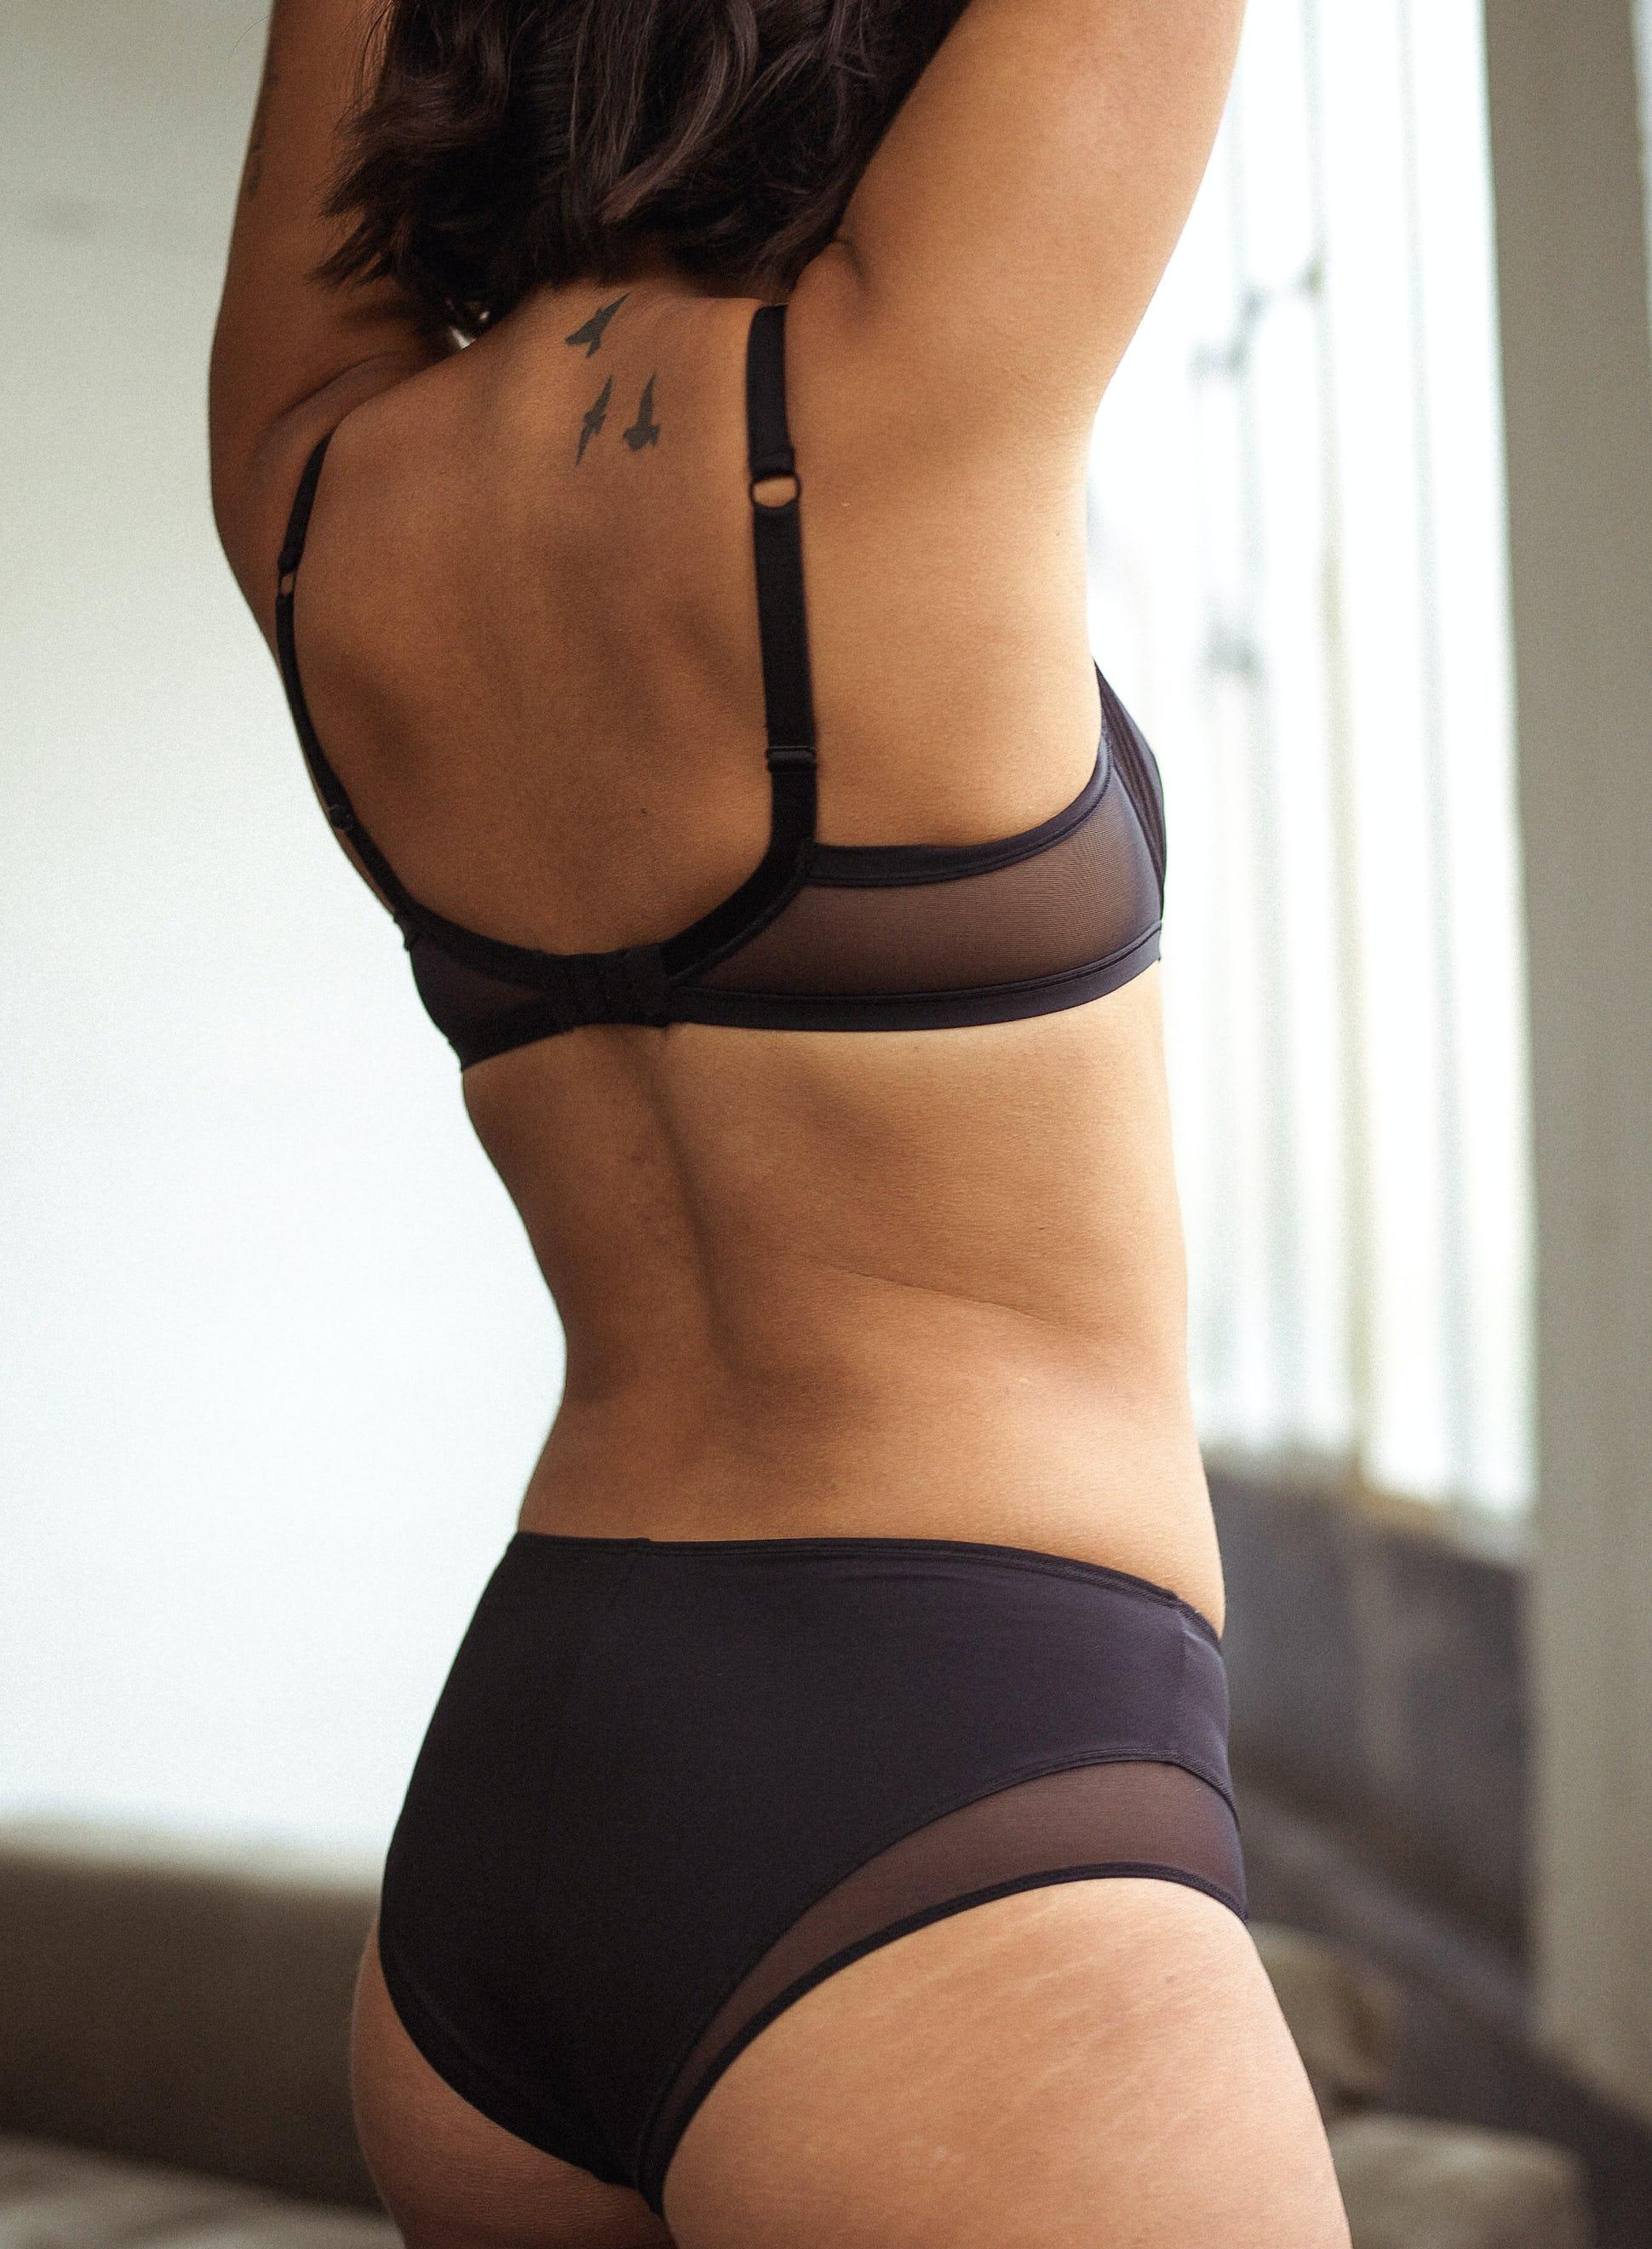 Ensemble de lingerie avec soutien-gorge corbeille noir histoire de femmes et culotte mi-haute noire histoire de femmes